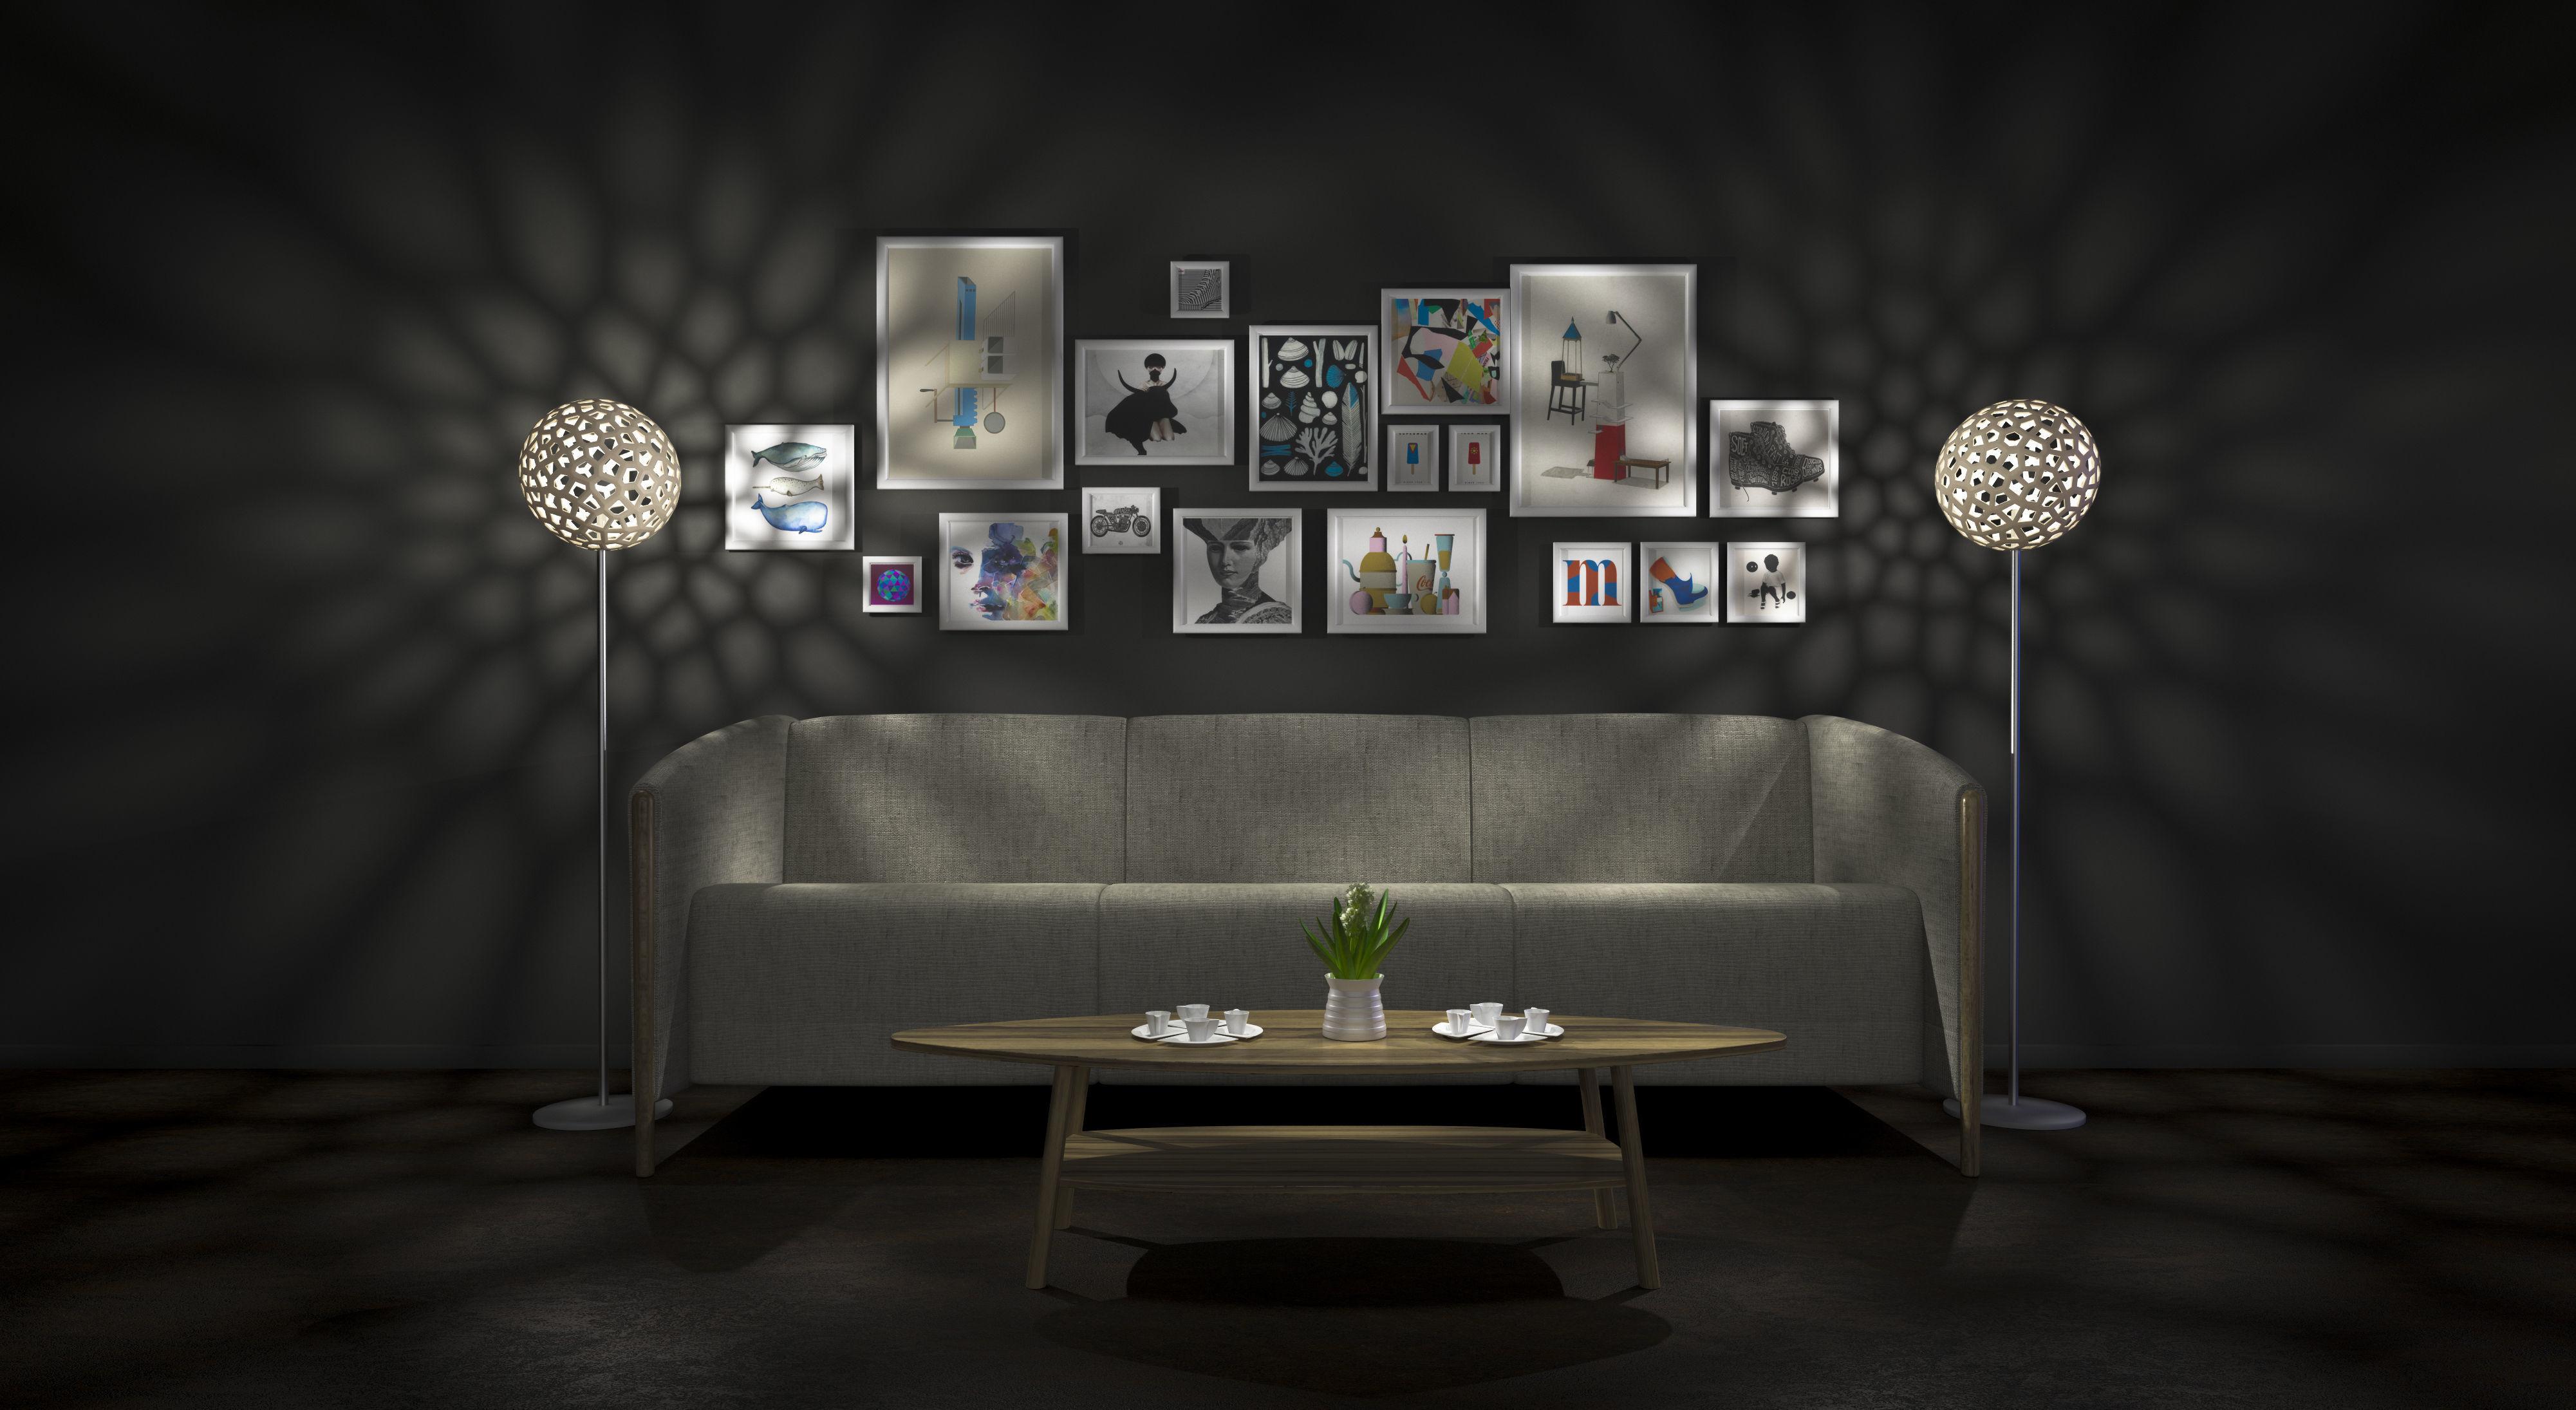 Generative design Voronoi sphere2